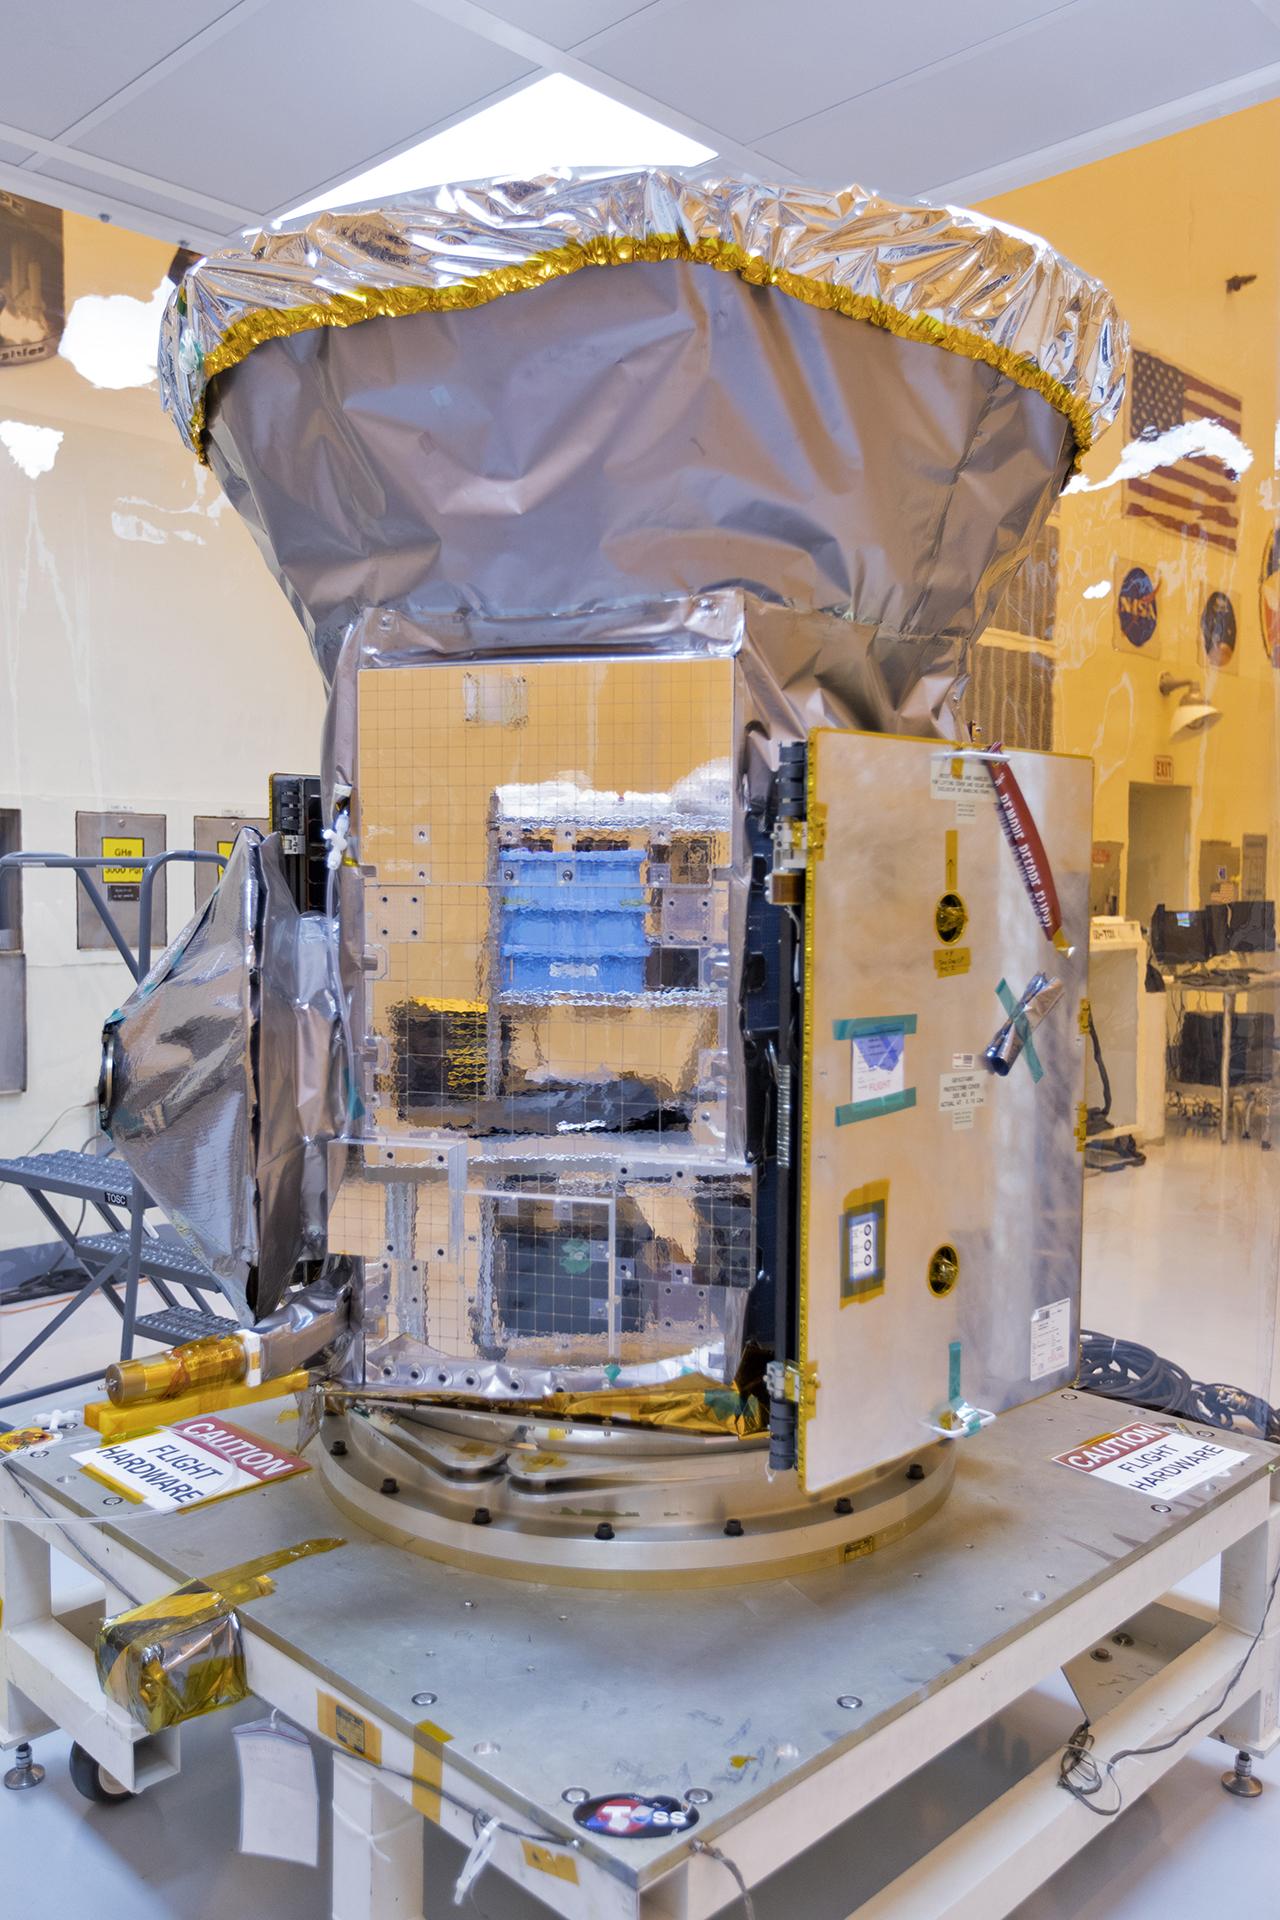 O Satélite de Pesquisa de Exoplanetas por Trânsito - TESS (sigla para Transiting Exoplanet Survey Satellite) chega ao Centro Espacial Kennedy da NASA, onde será submetido a preparativos finais para o lançamento. O lançamento está programado para não mais cedo do que 16 de abril, pendente da homologação